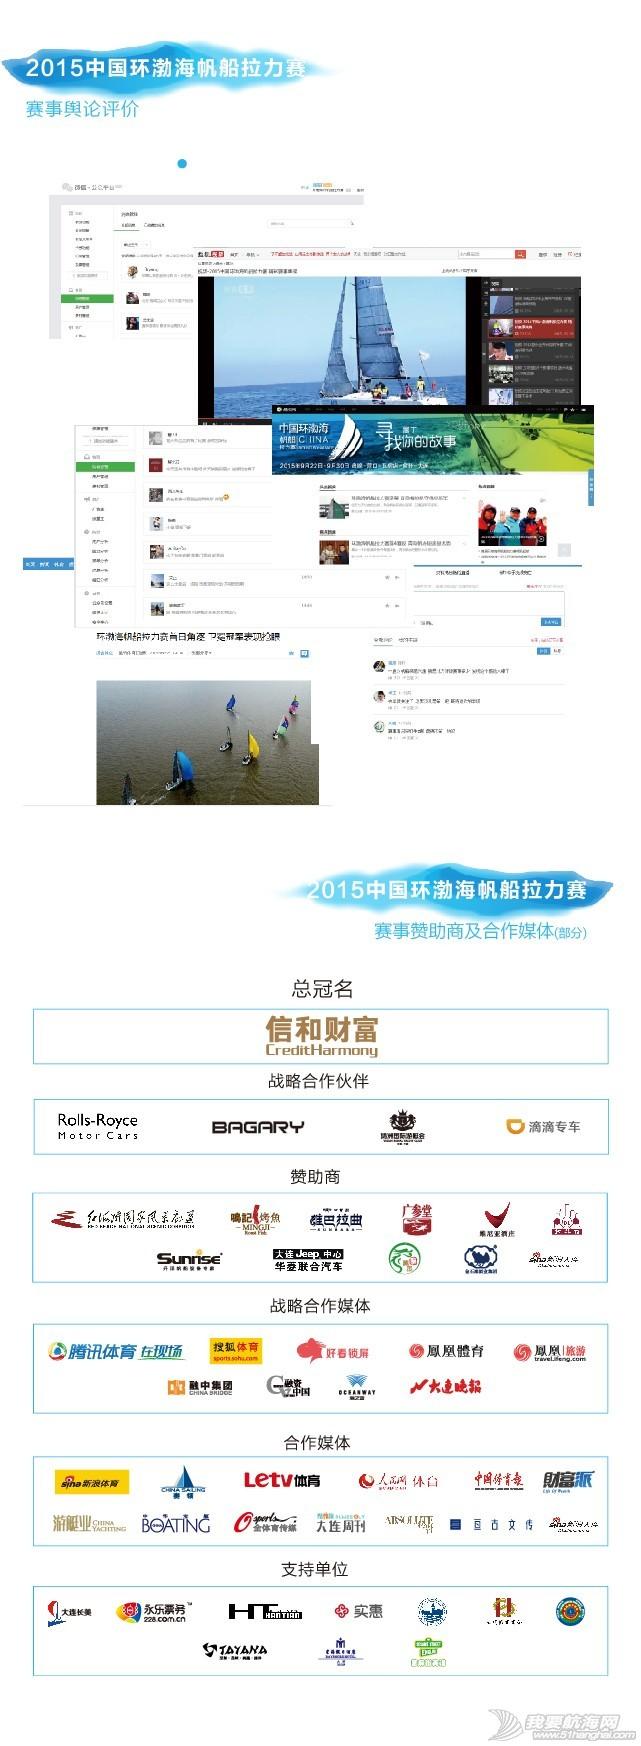 拉力赛,中国,渤海,帆船 2016中国环渤海帆船拉力赛 112025o33mw8zgxx00zvvx.jpg